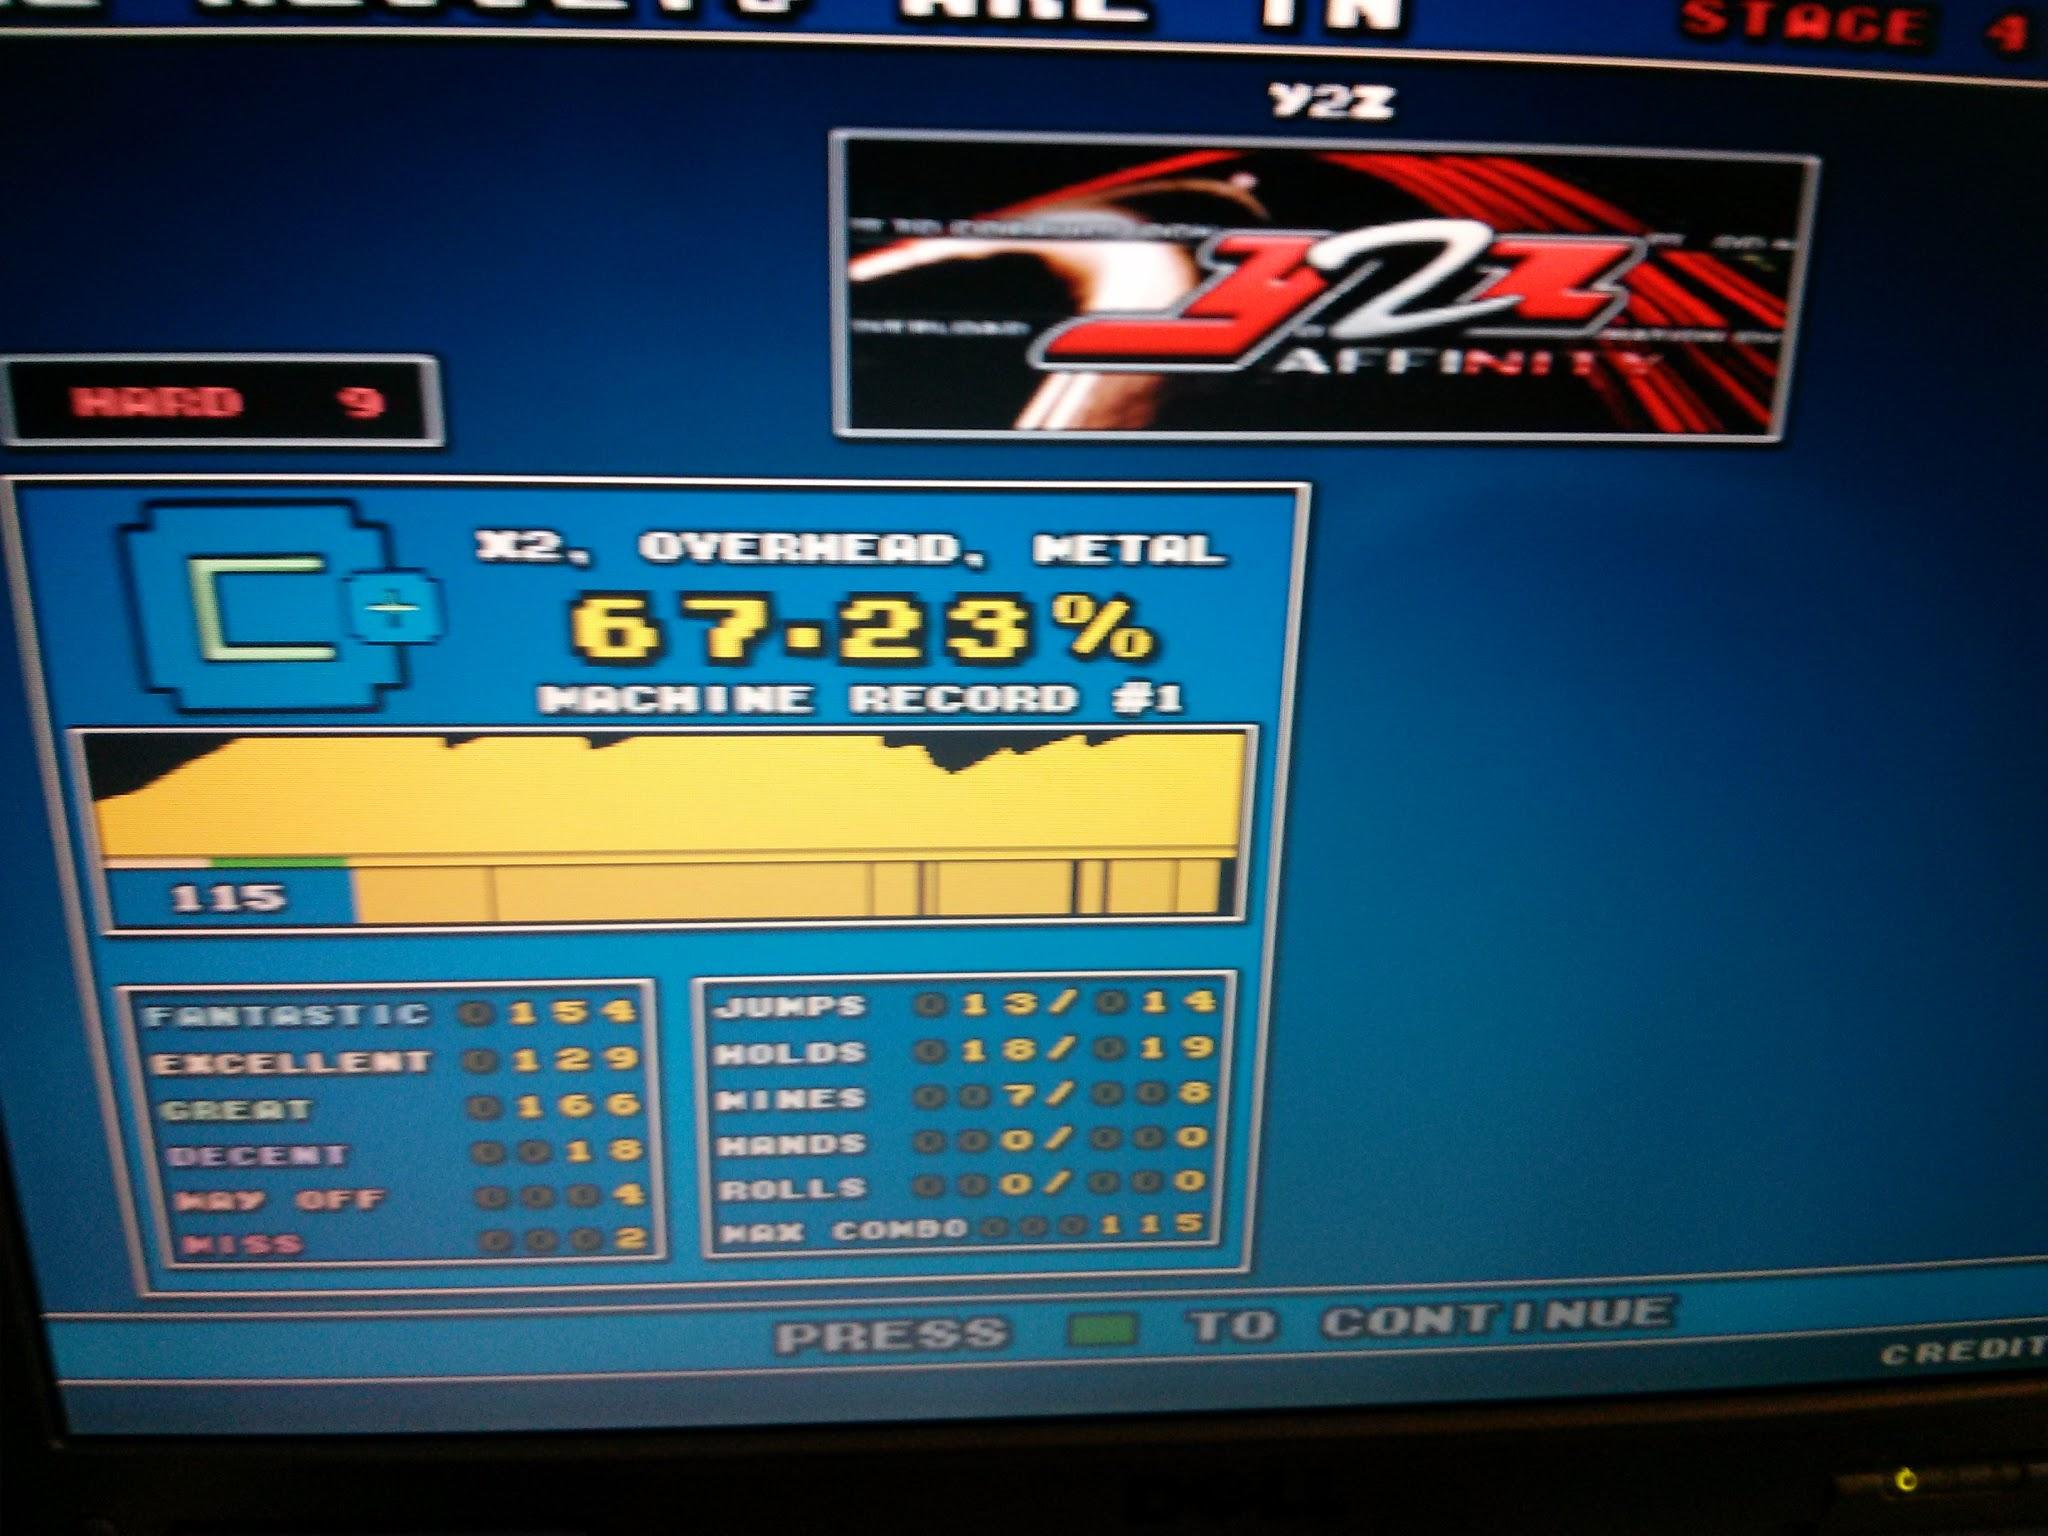 DDR Scores 12-12-12 16